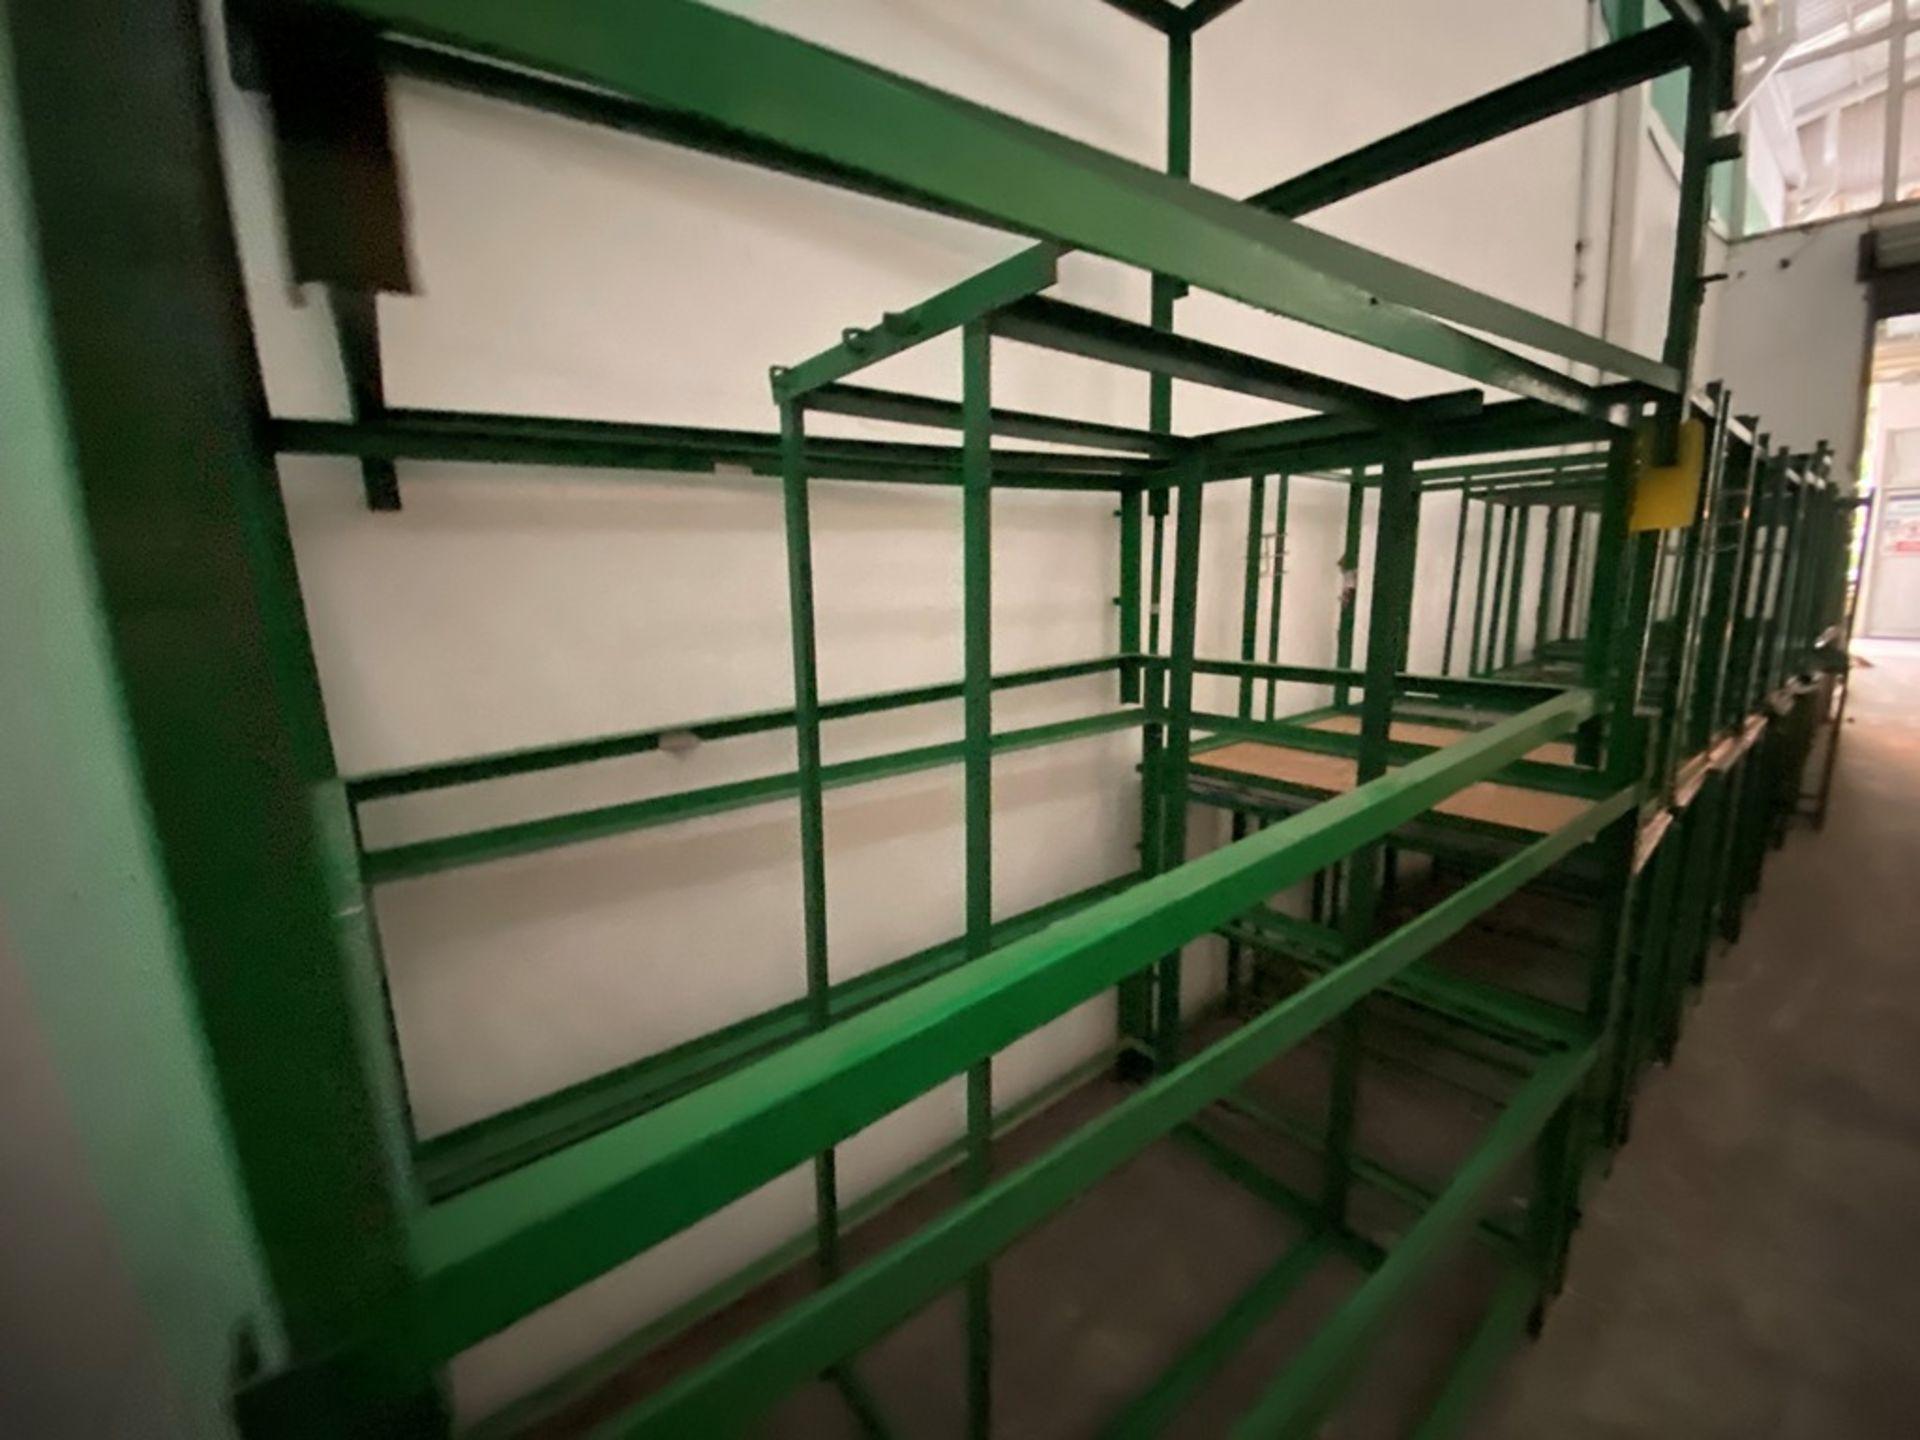 Aproximadamente 80 estantes metálicos en PTR y ángulo de diferentes medidas - Image 6 of 8